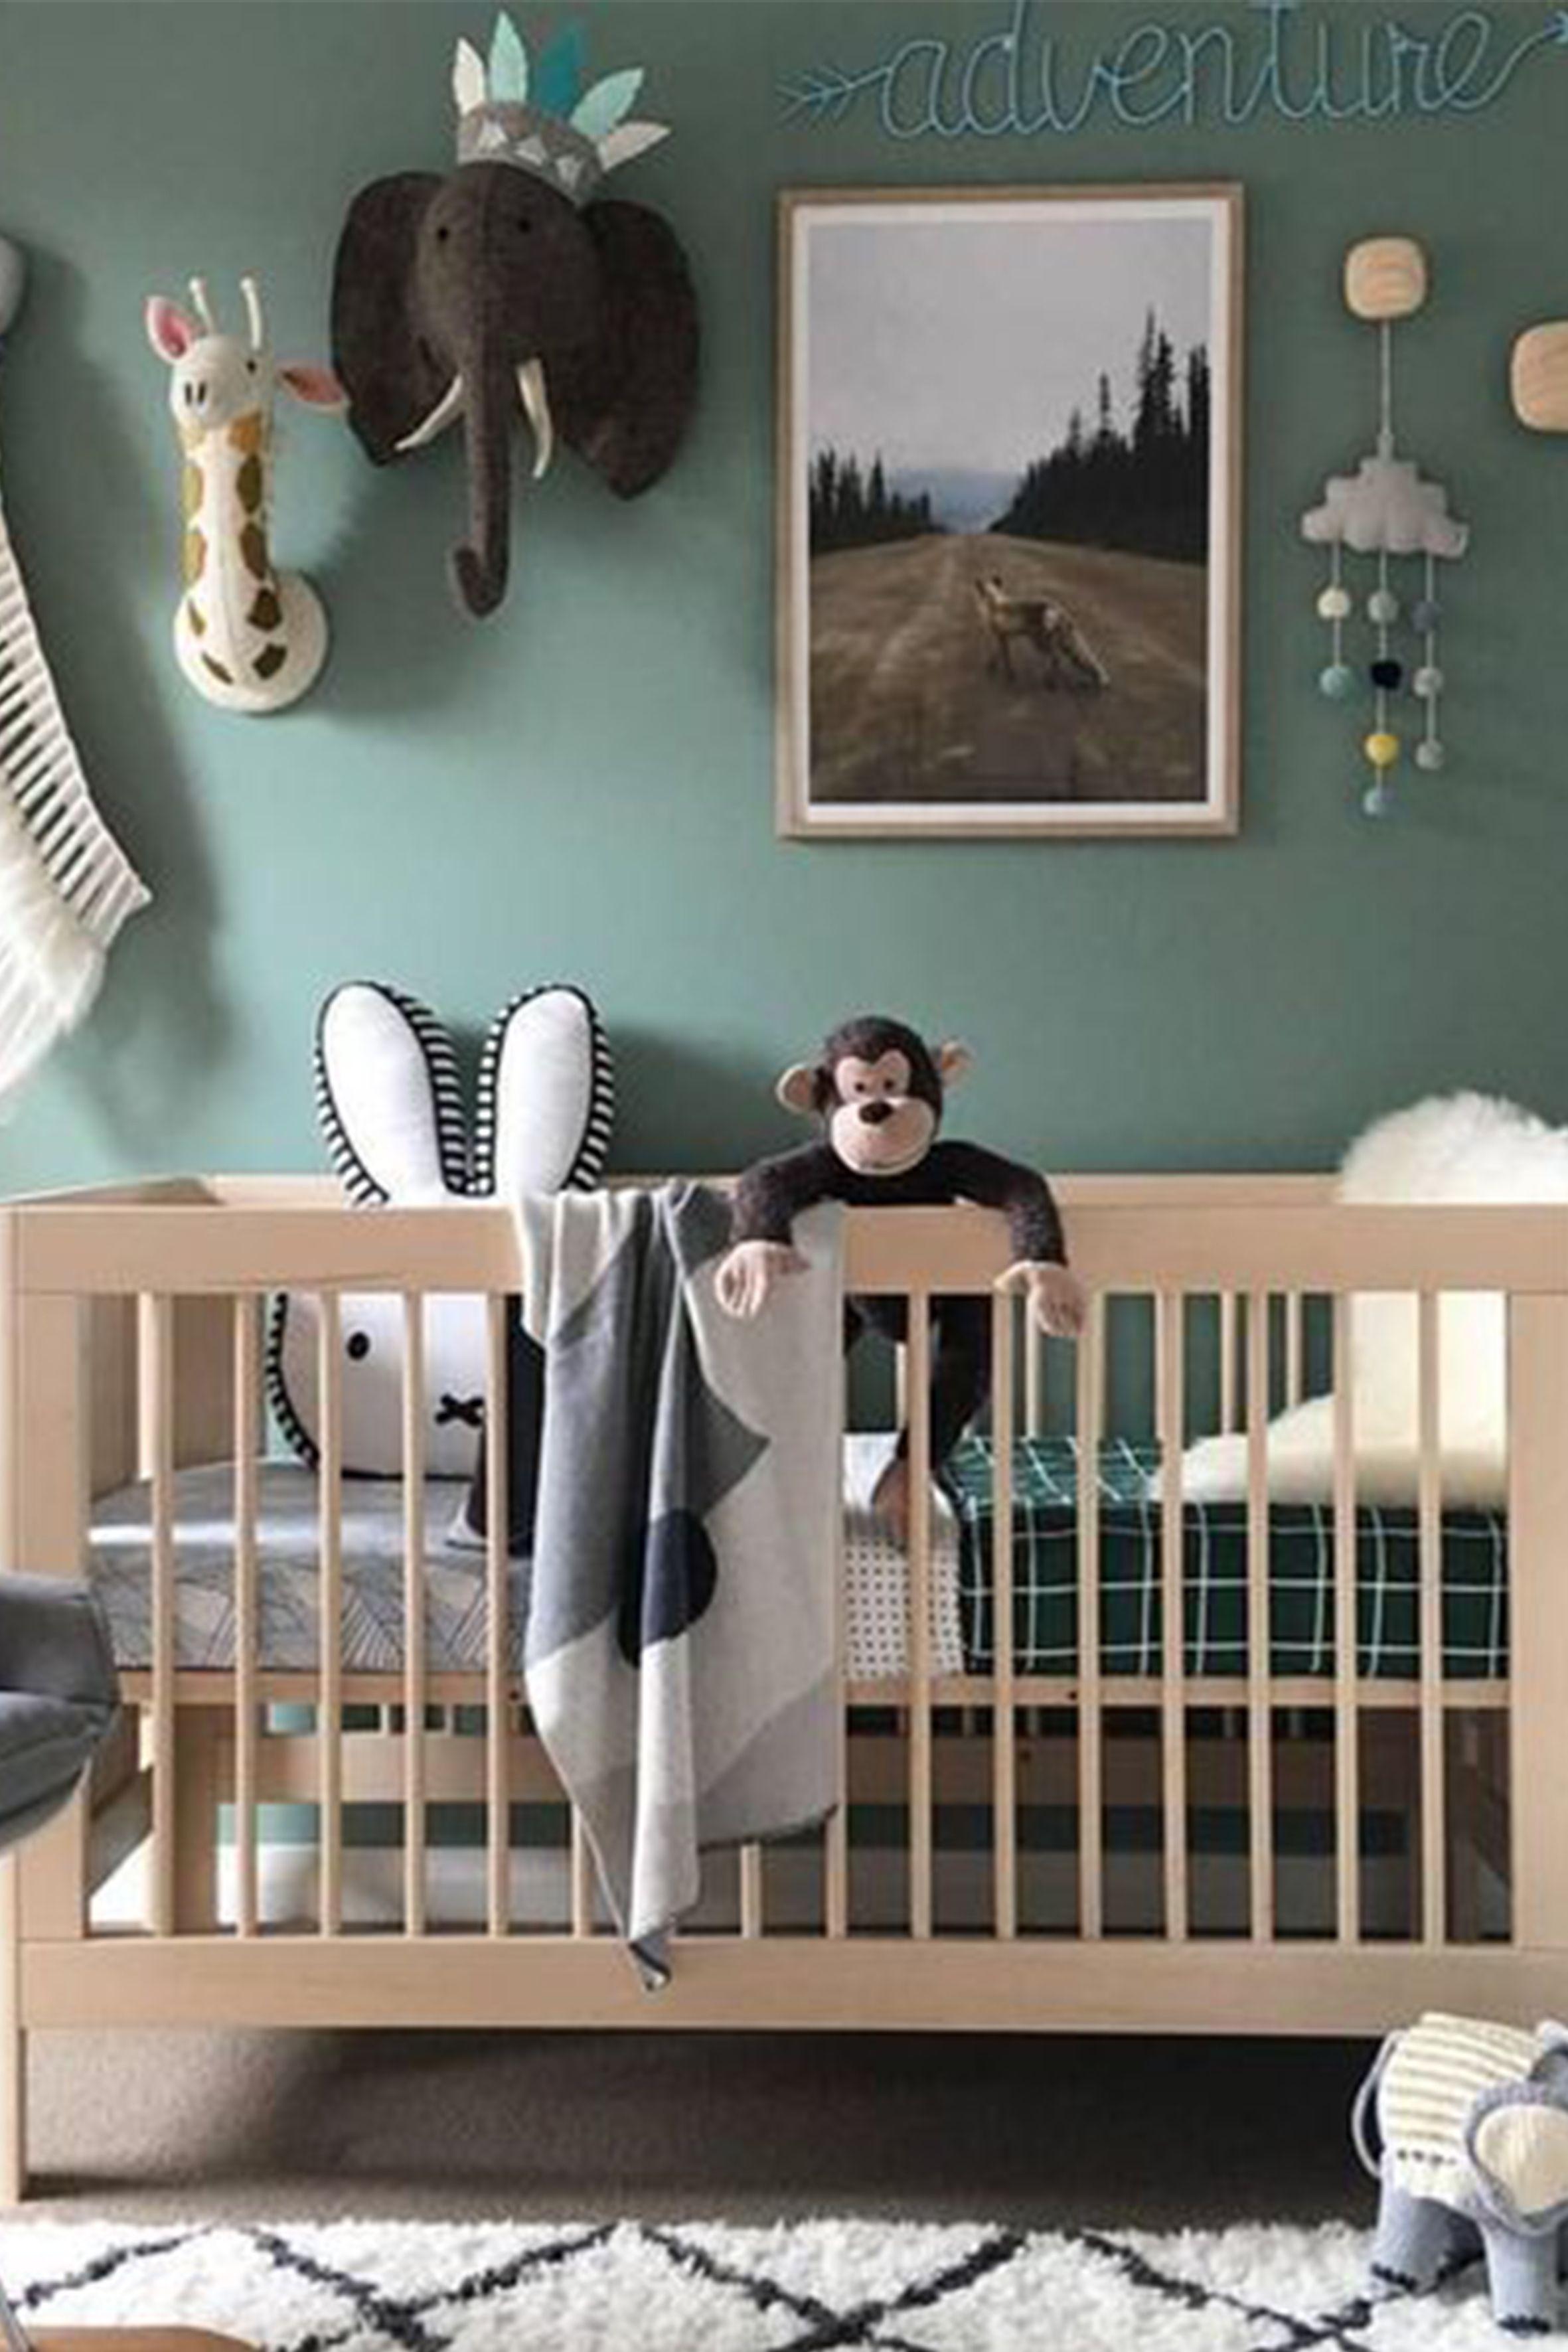 Adopter la décoration jungle pour la chambre de bébé - Blog Rhinov